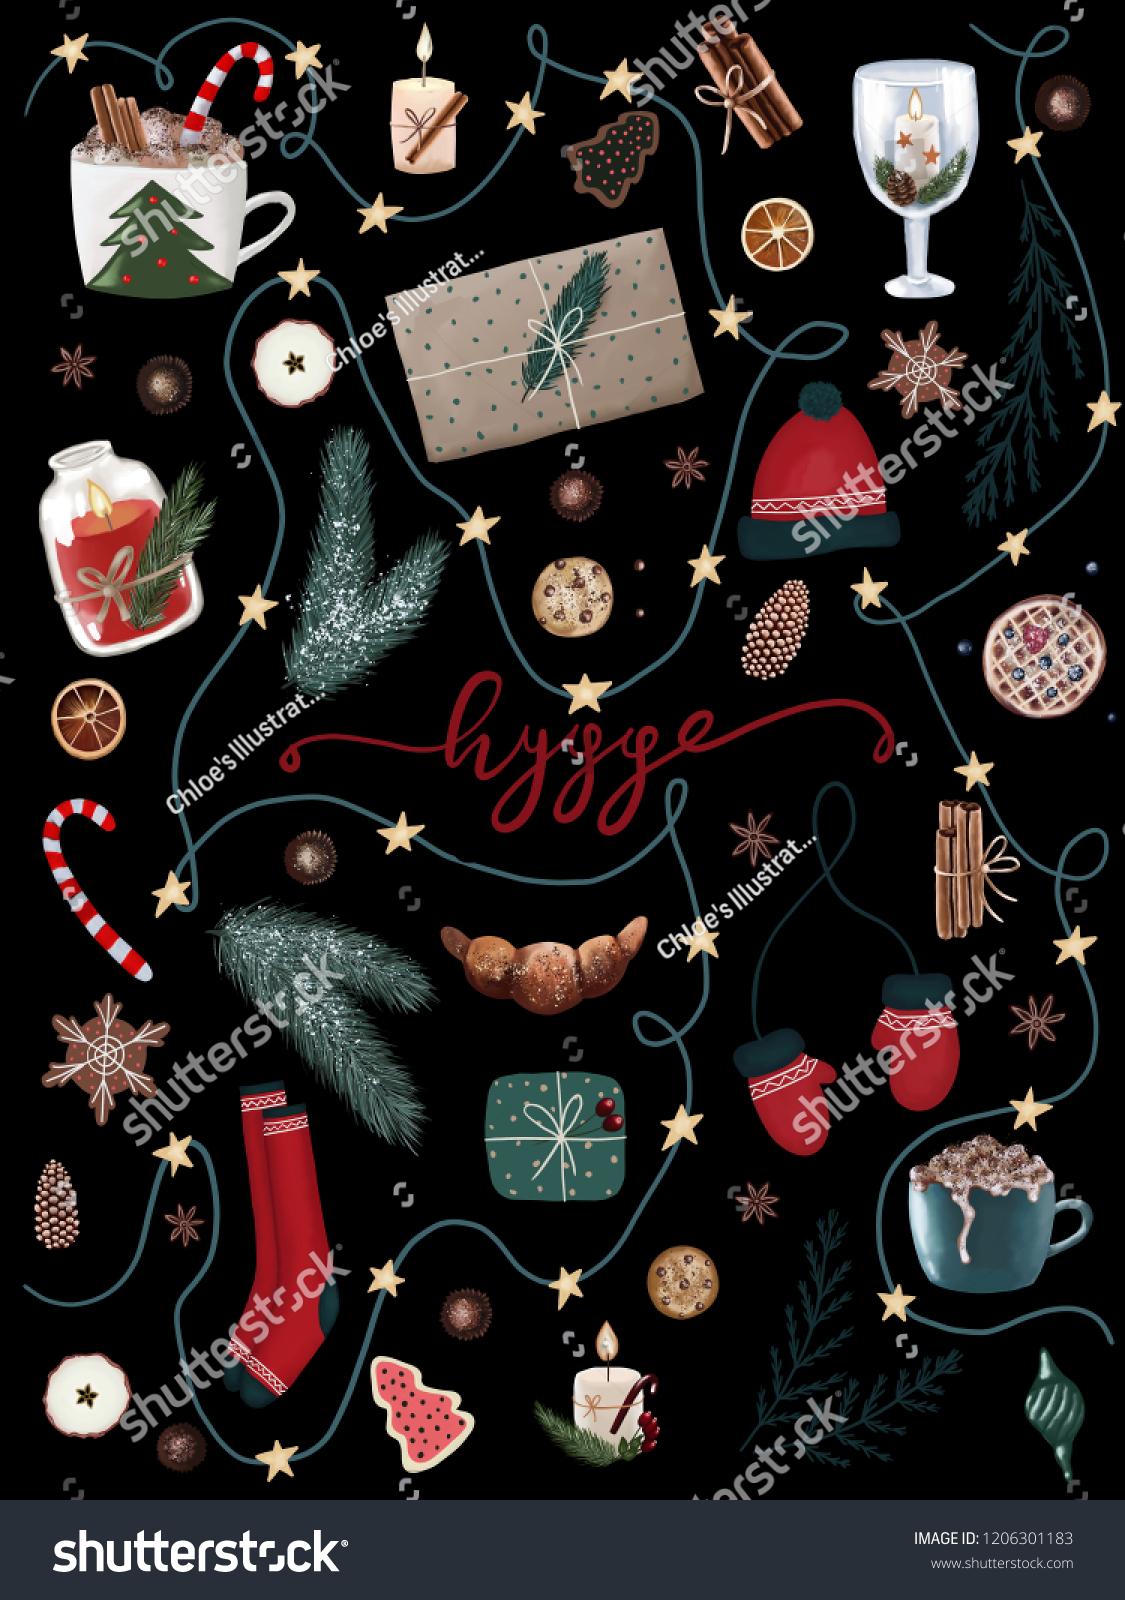 stock-photo-hygge-christmas-collection-o